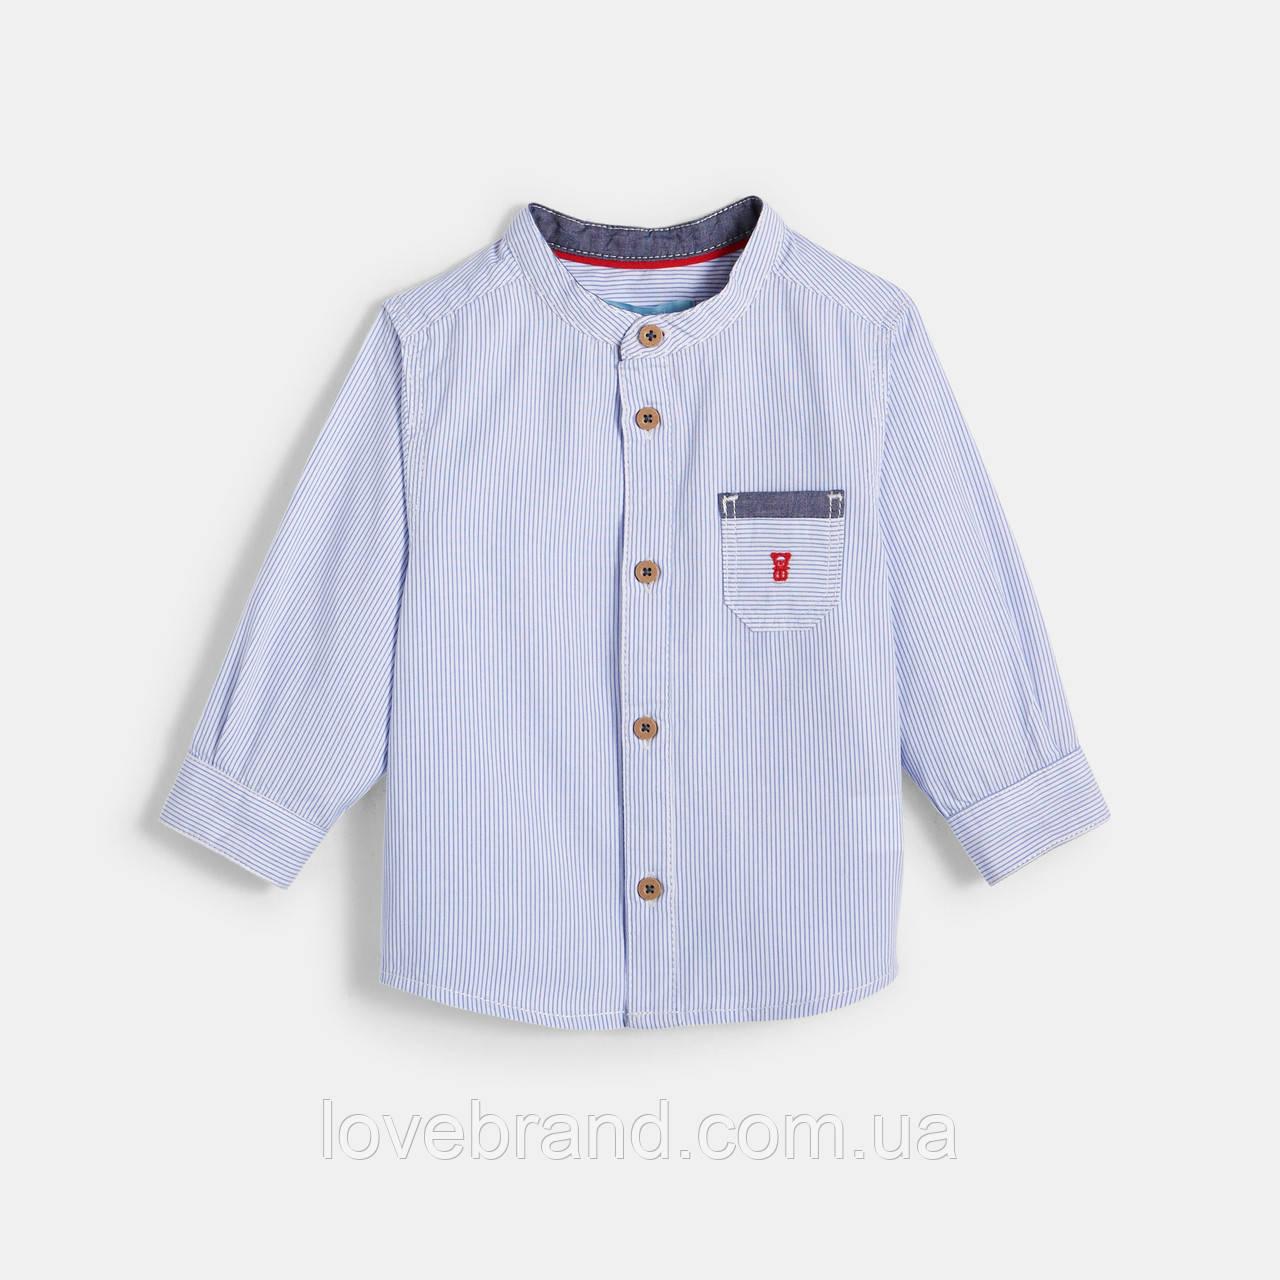 Рубашка для малыша голубая в полоску Okaidi (Франция),  для новорожденного мальчика